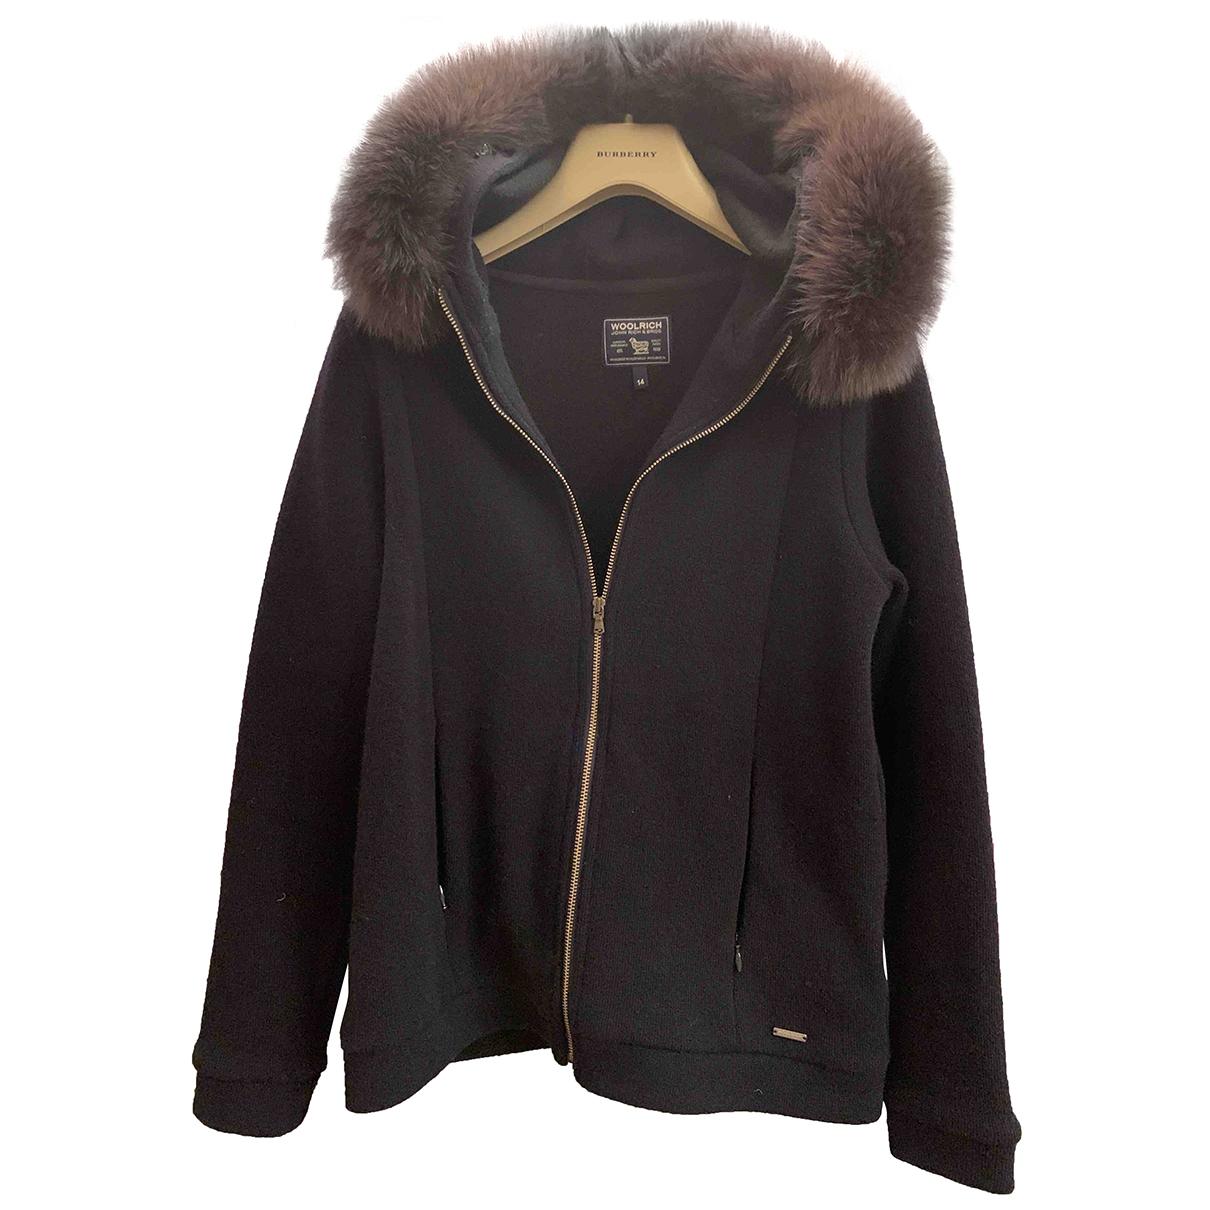 Woolrich - Blousons.Manteaux   pour enfant en laine - marine